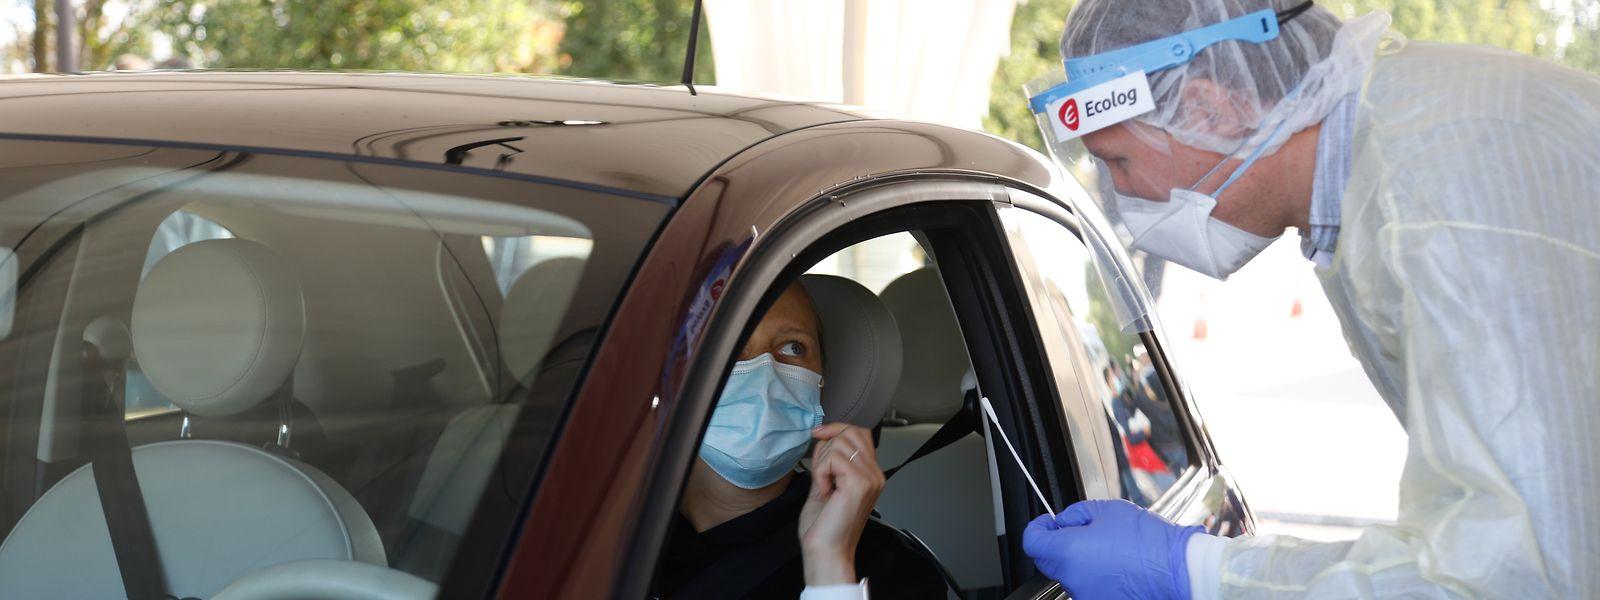 Grundlage für die Bewertung ist der Schwellenwert von 50 Neuinfizierten pro 100.000 Einwohnern in den vergangenen sieben Tagen.